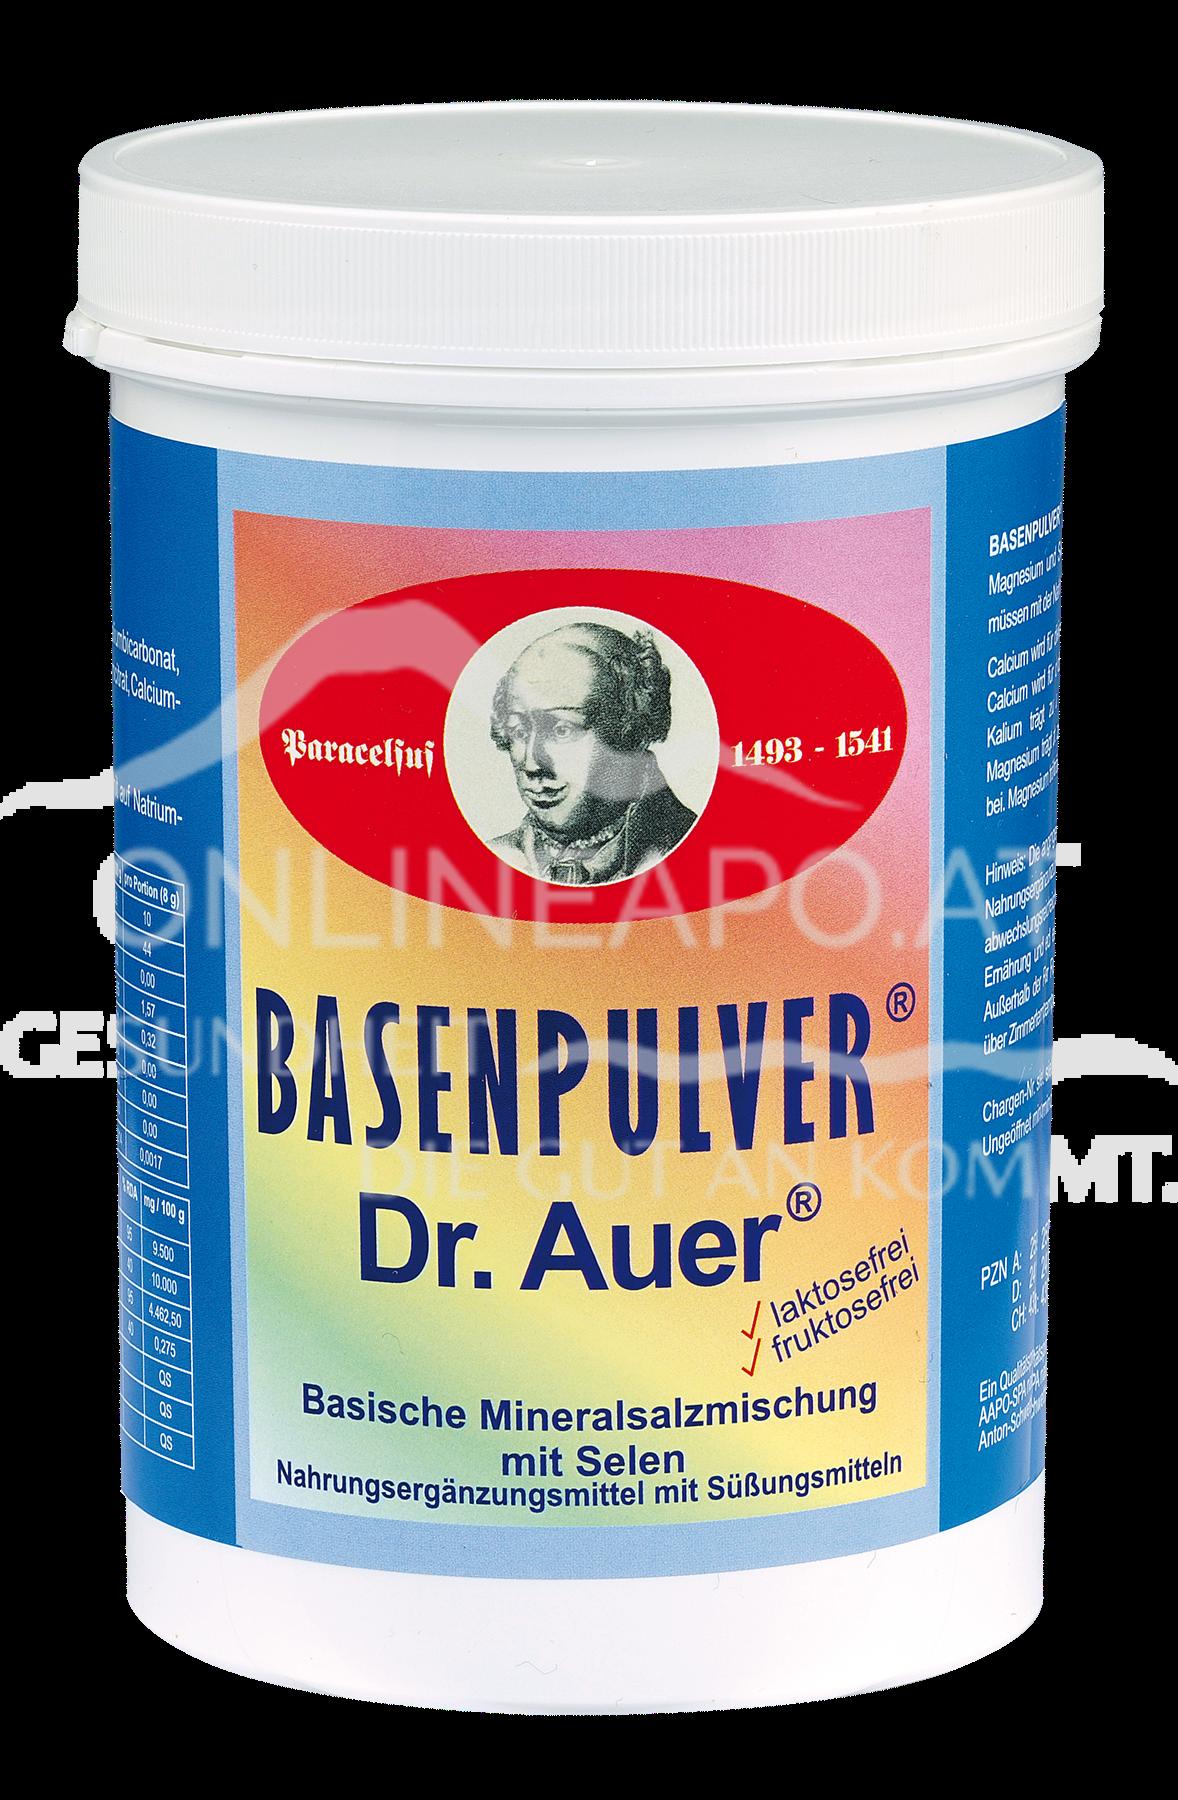 BASENPULVER® Dr. Auer